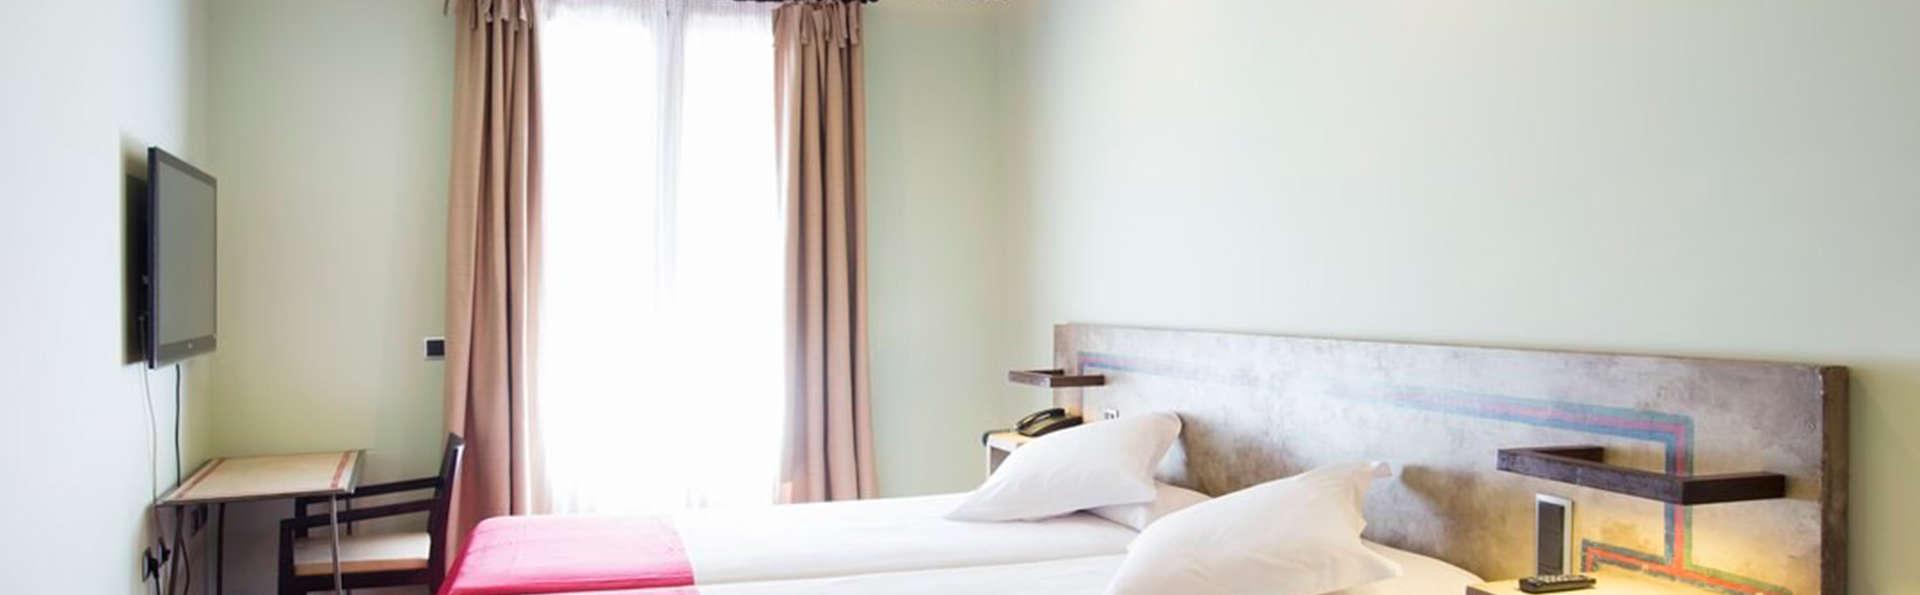 Hotel Posada de la Luna - EDIT_room.jpg